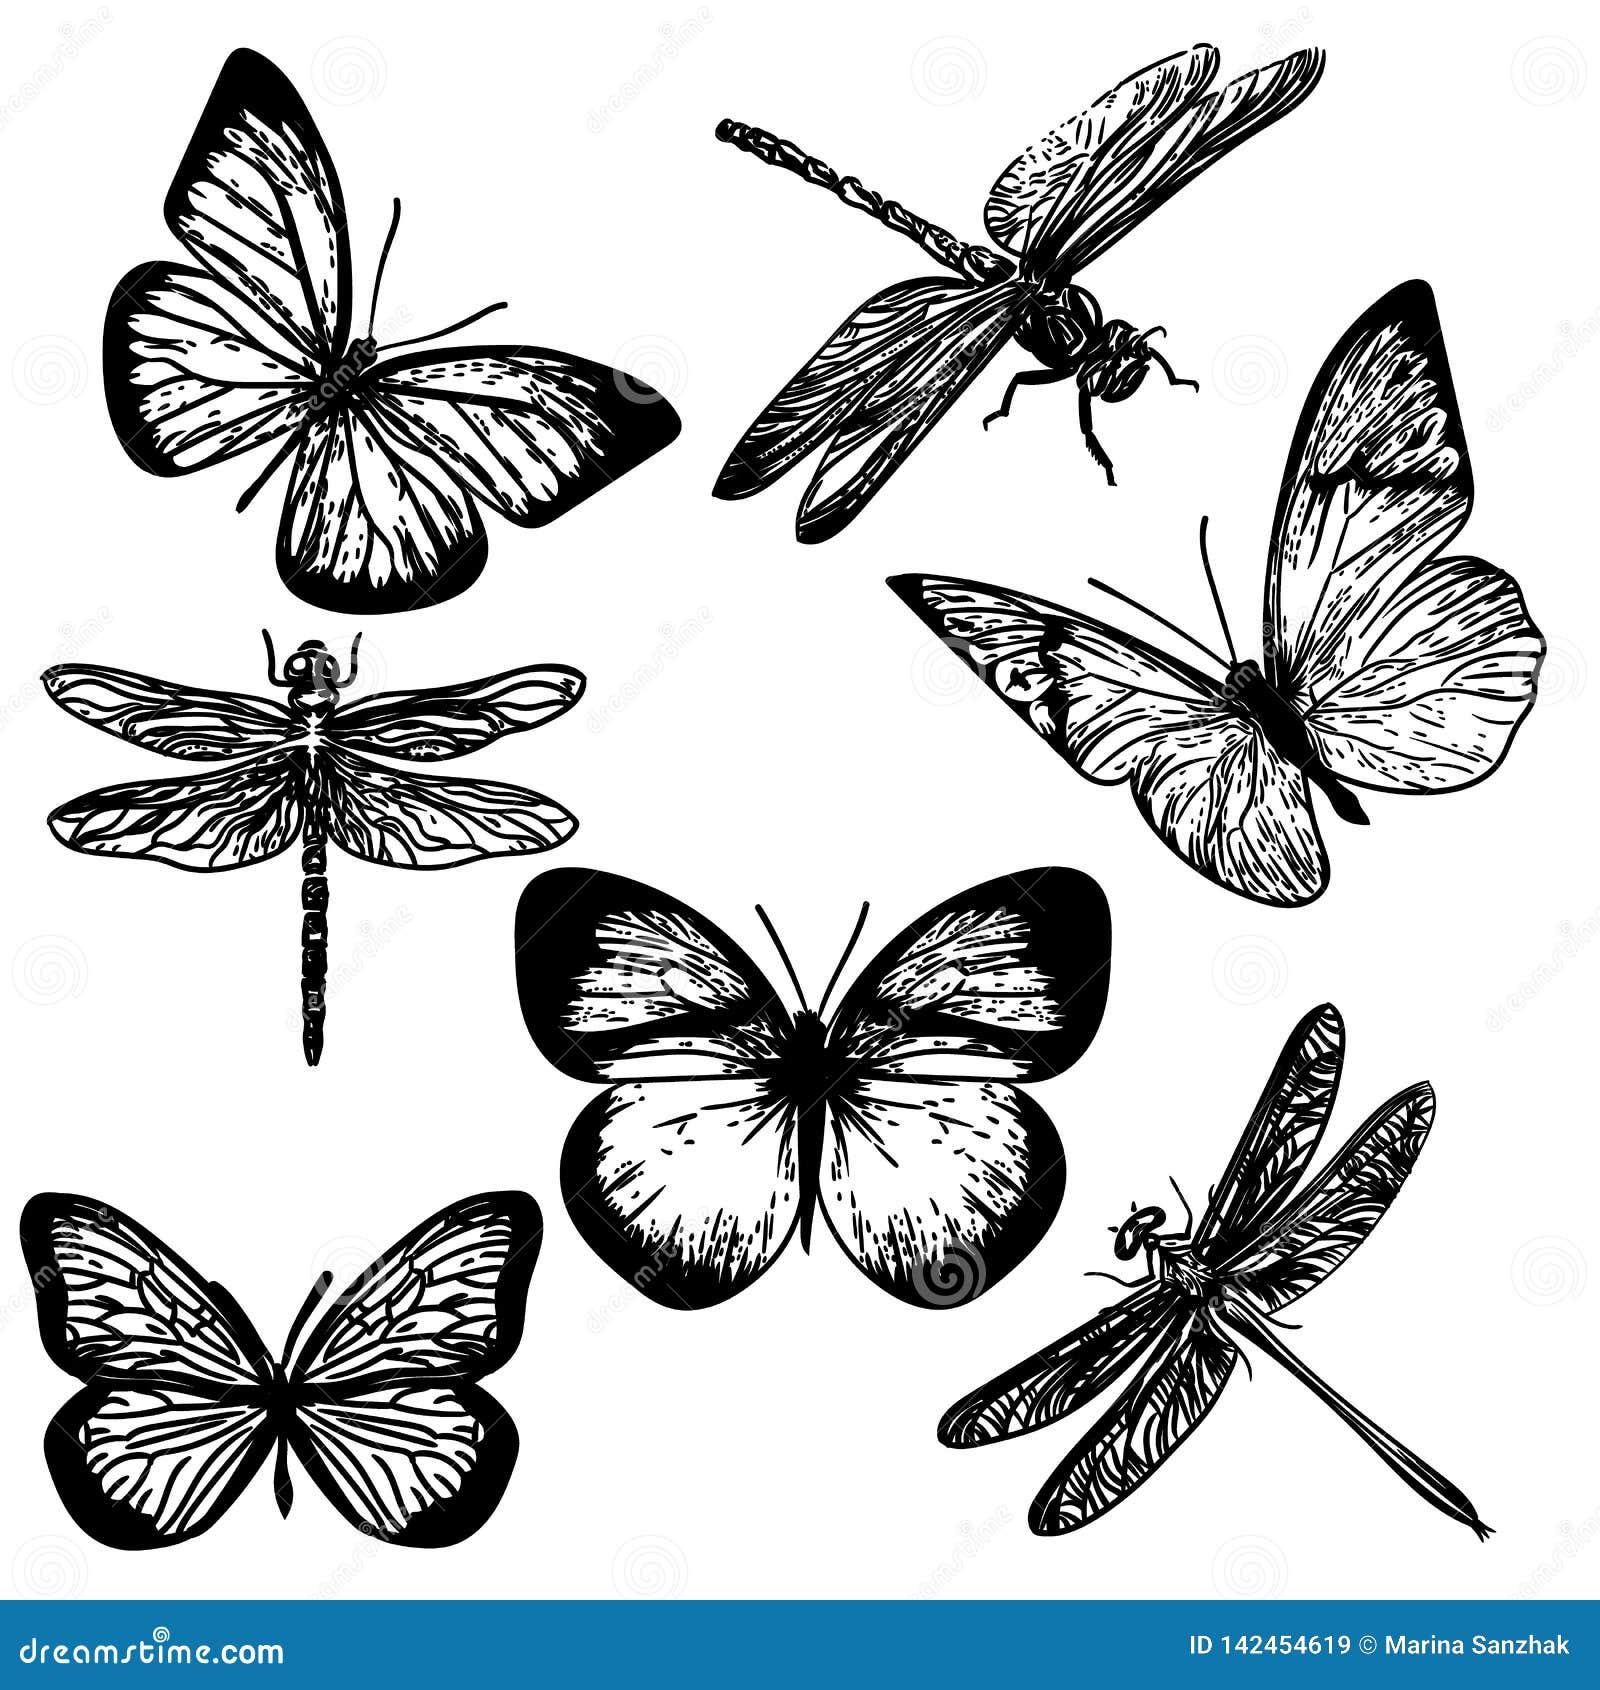 Mano dibujada de insectos